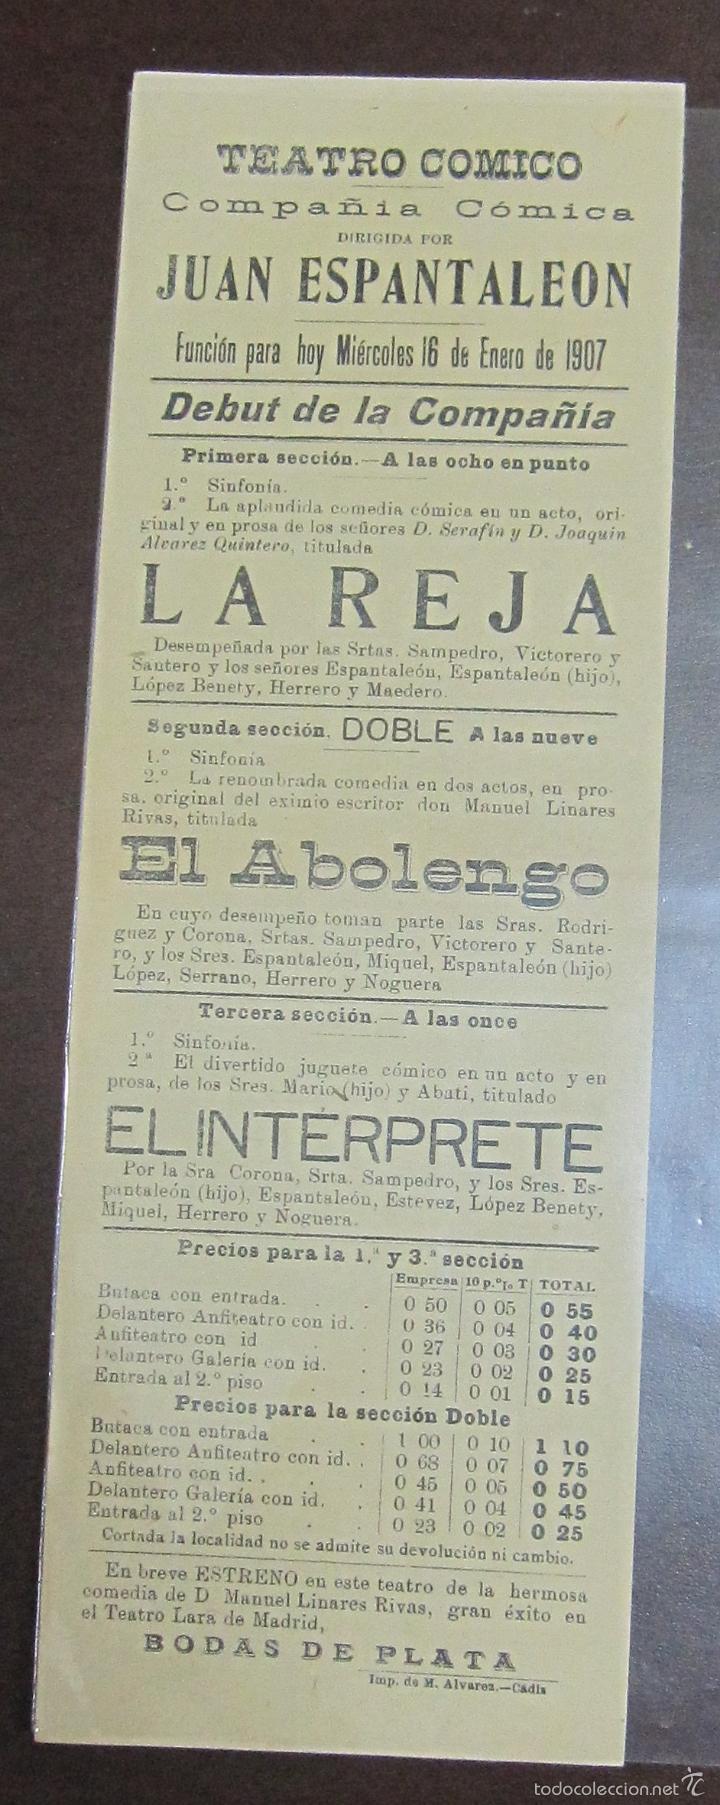 CARTEL. TEATRO COMICO. JUAN ESPANTALEON. 1907. LA REJA, EL ABOLENGO, EL INTERPRETE. LEER. 30 X 10CM (Coleccionismo - Carteles Pequeño Formato)